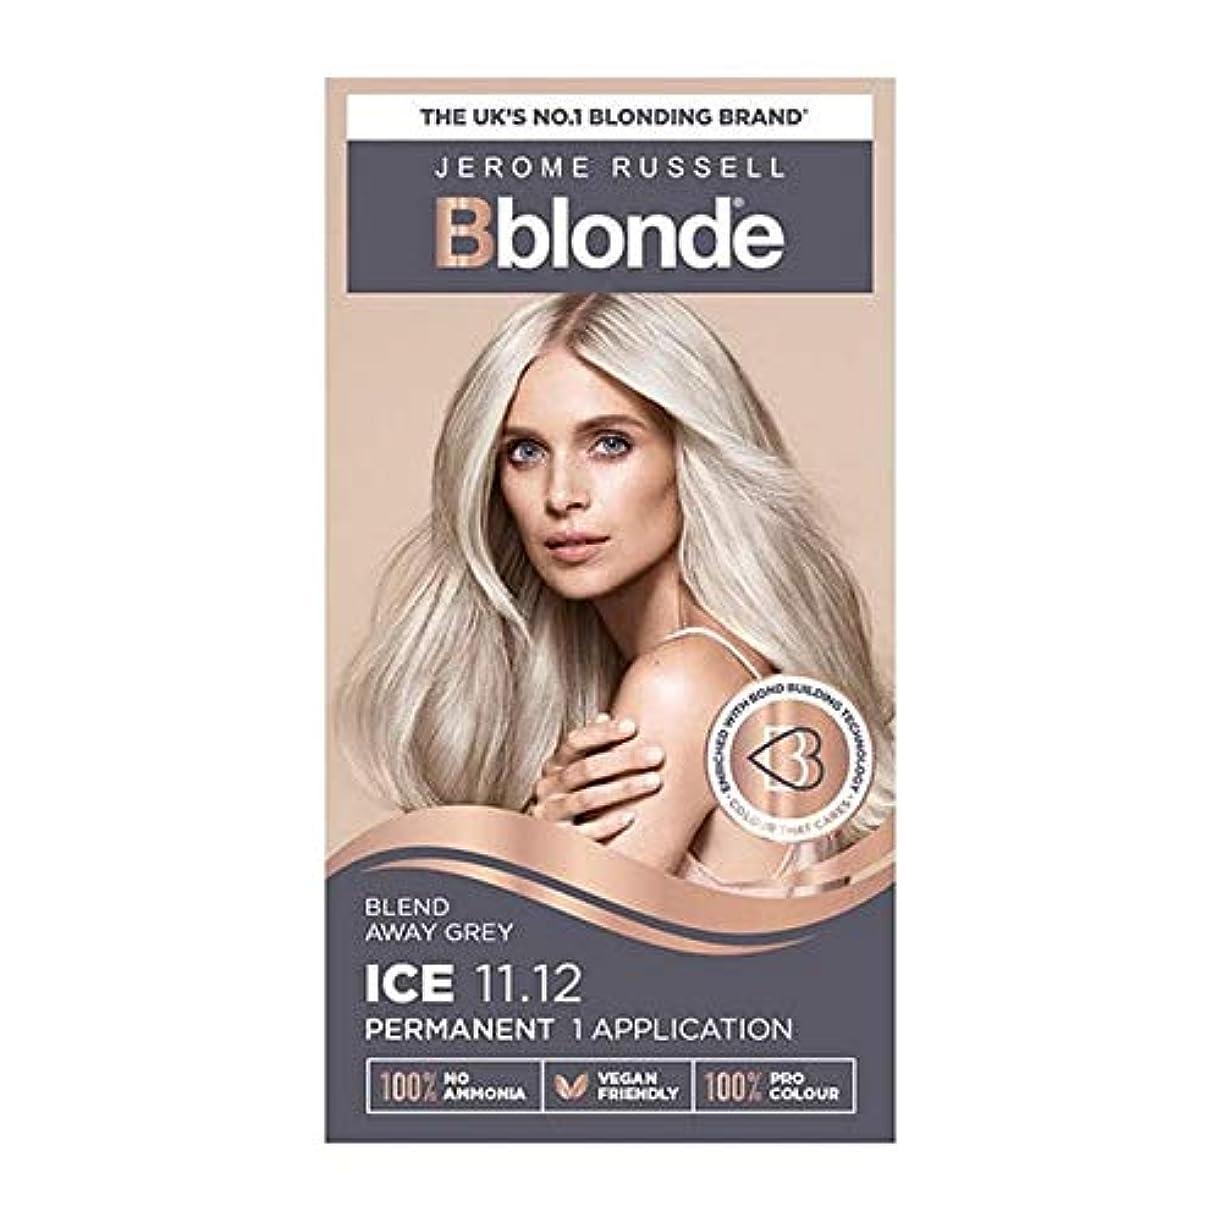 気をつけて音声学好き[Jerome Russell ] 11.12ブロンドジェロームラッセルBblondeパーマネントヘアキットの氷 - Jerome Russell Bblonde Permanent Hair Kit Ice Blonde 11.12 [並行輸入品]